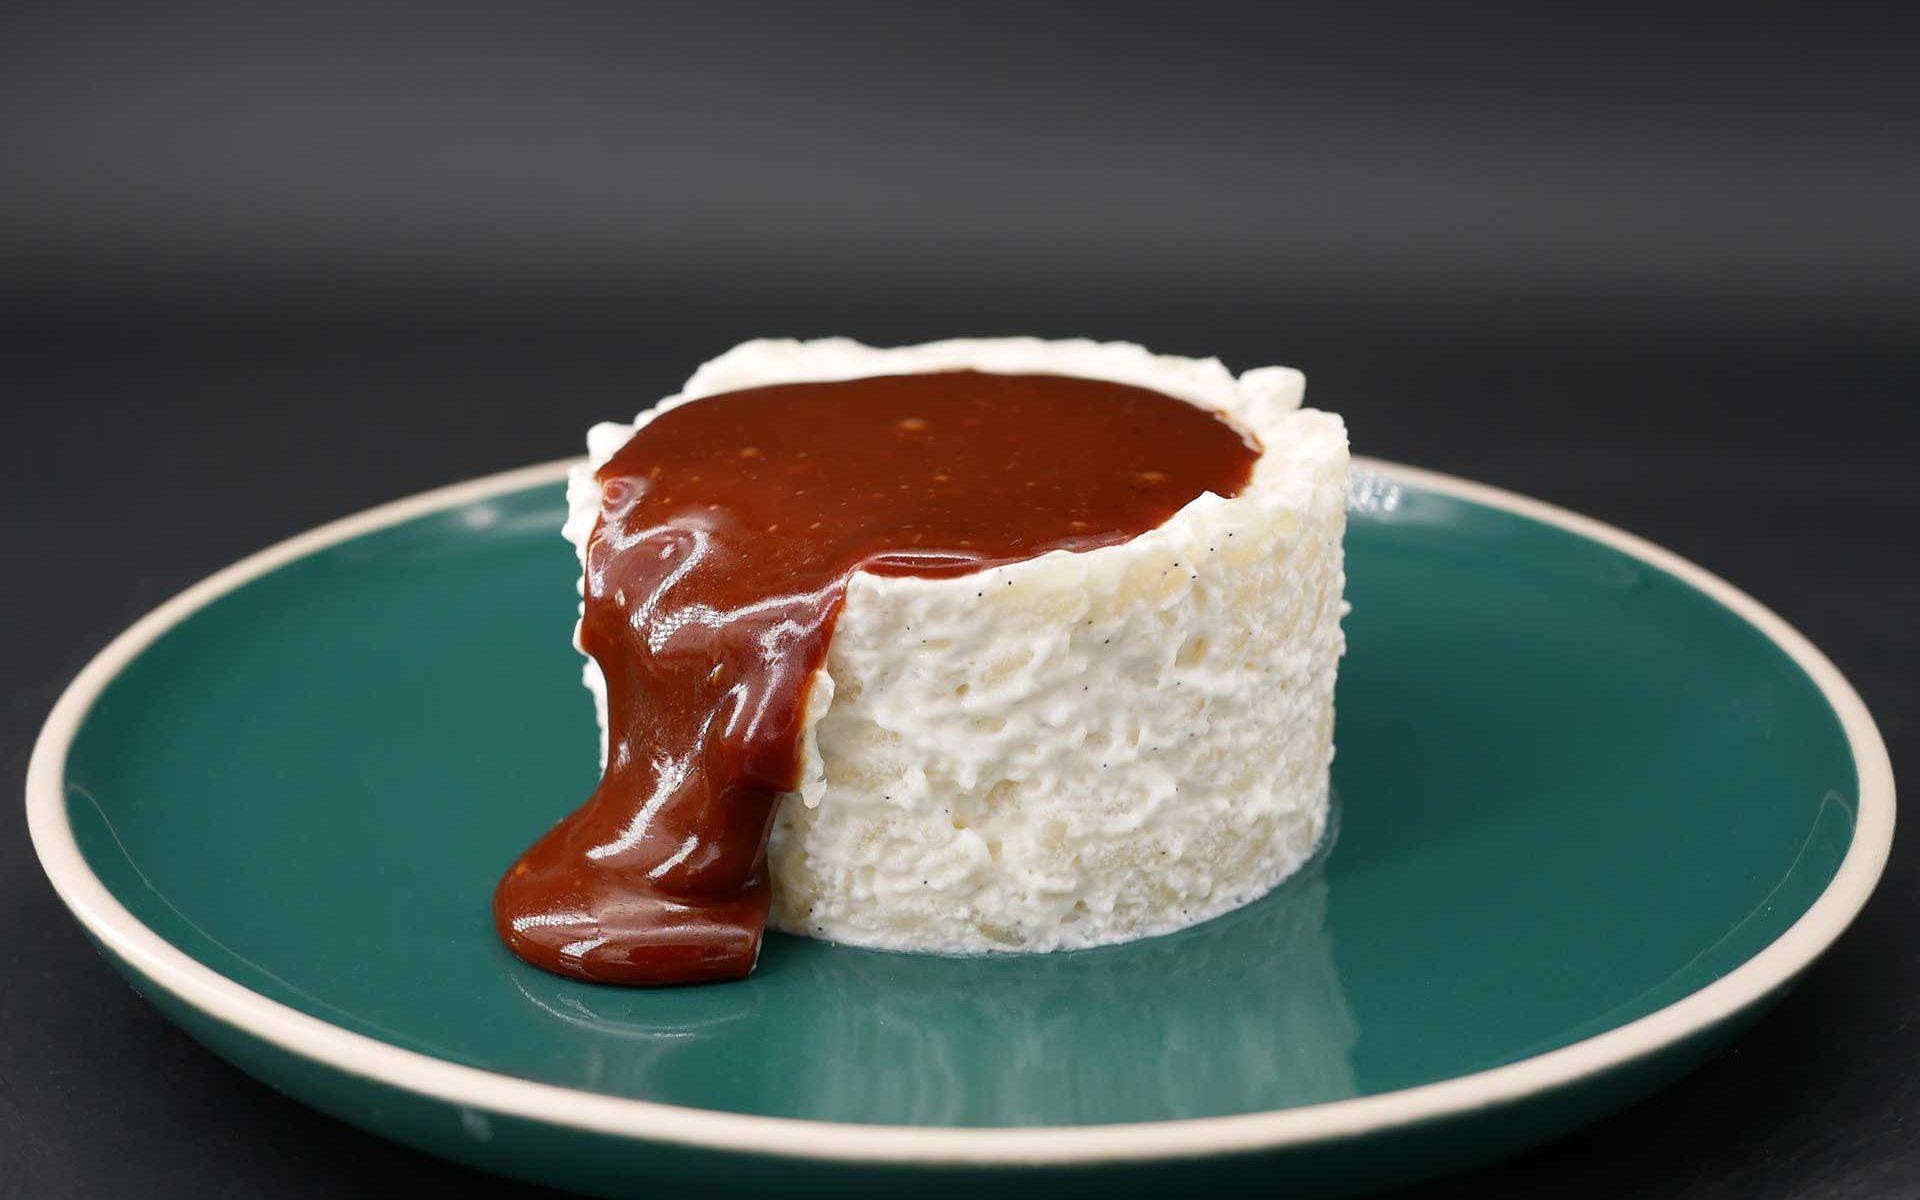 Riz au lait sauce caramel